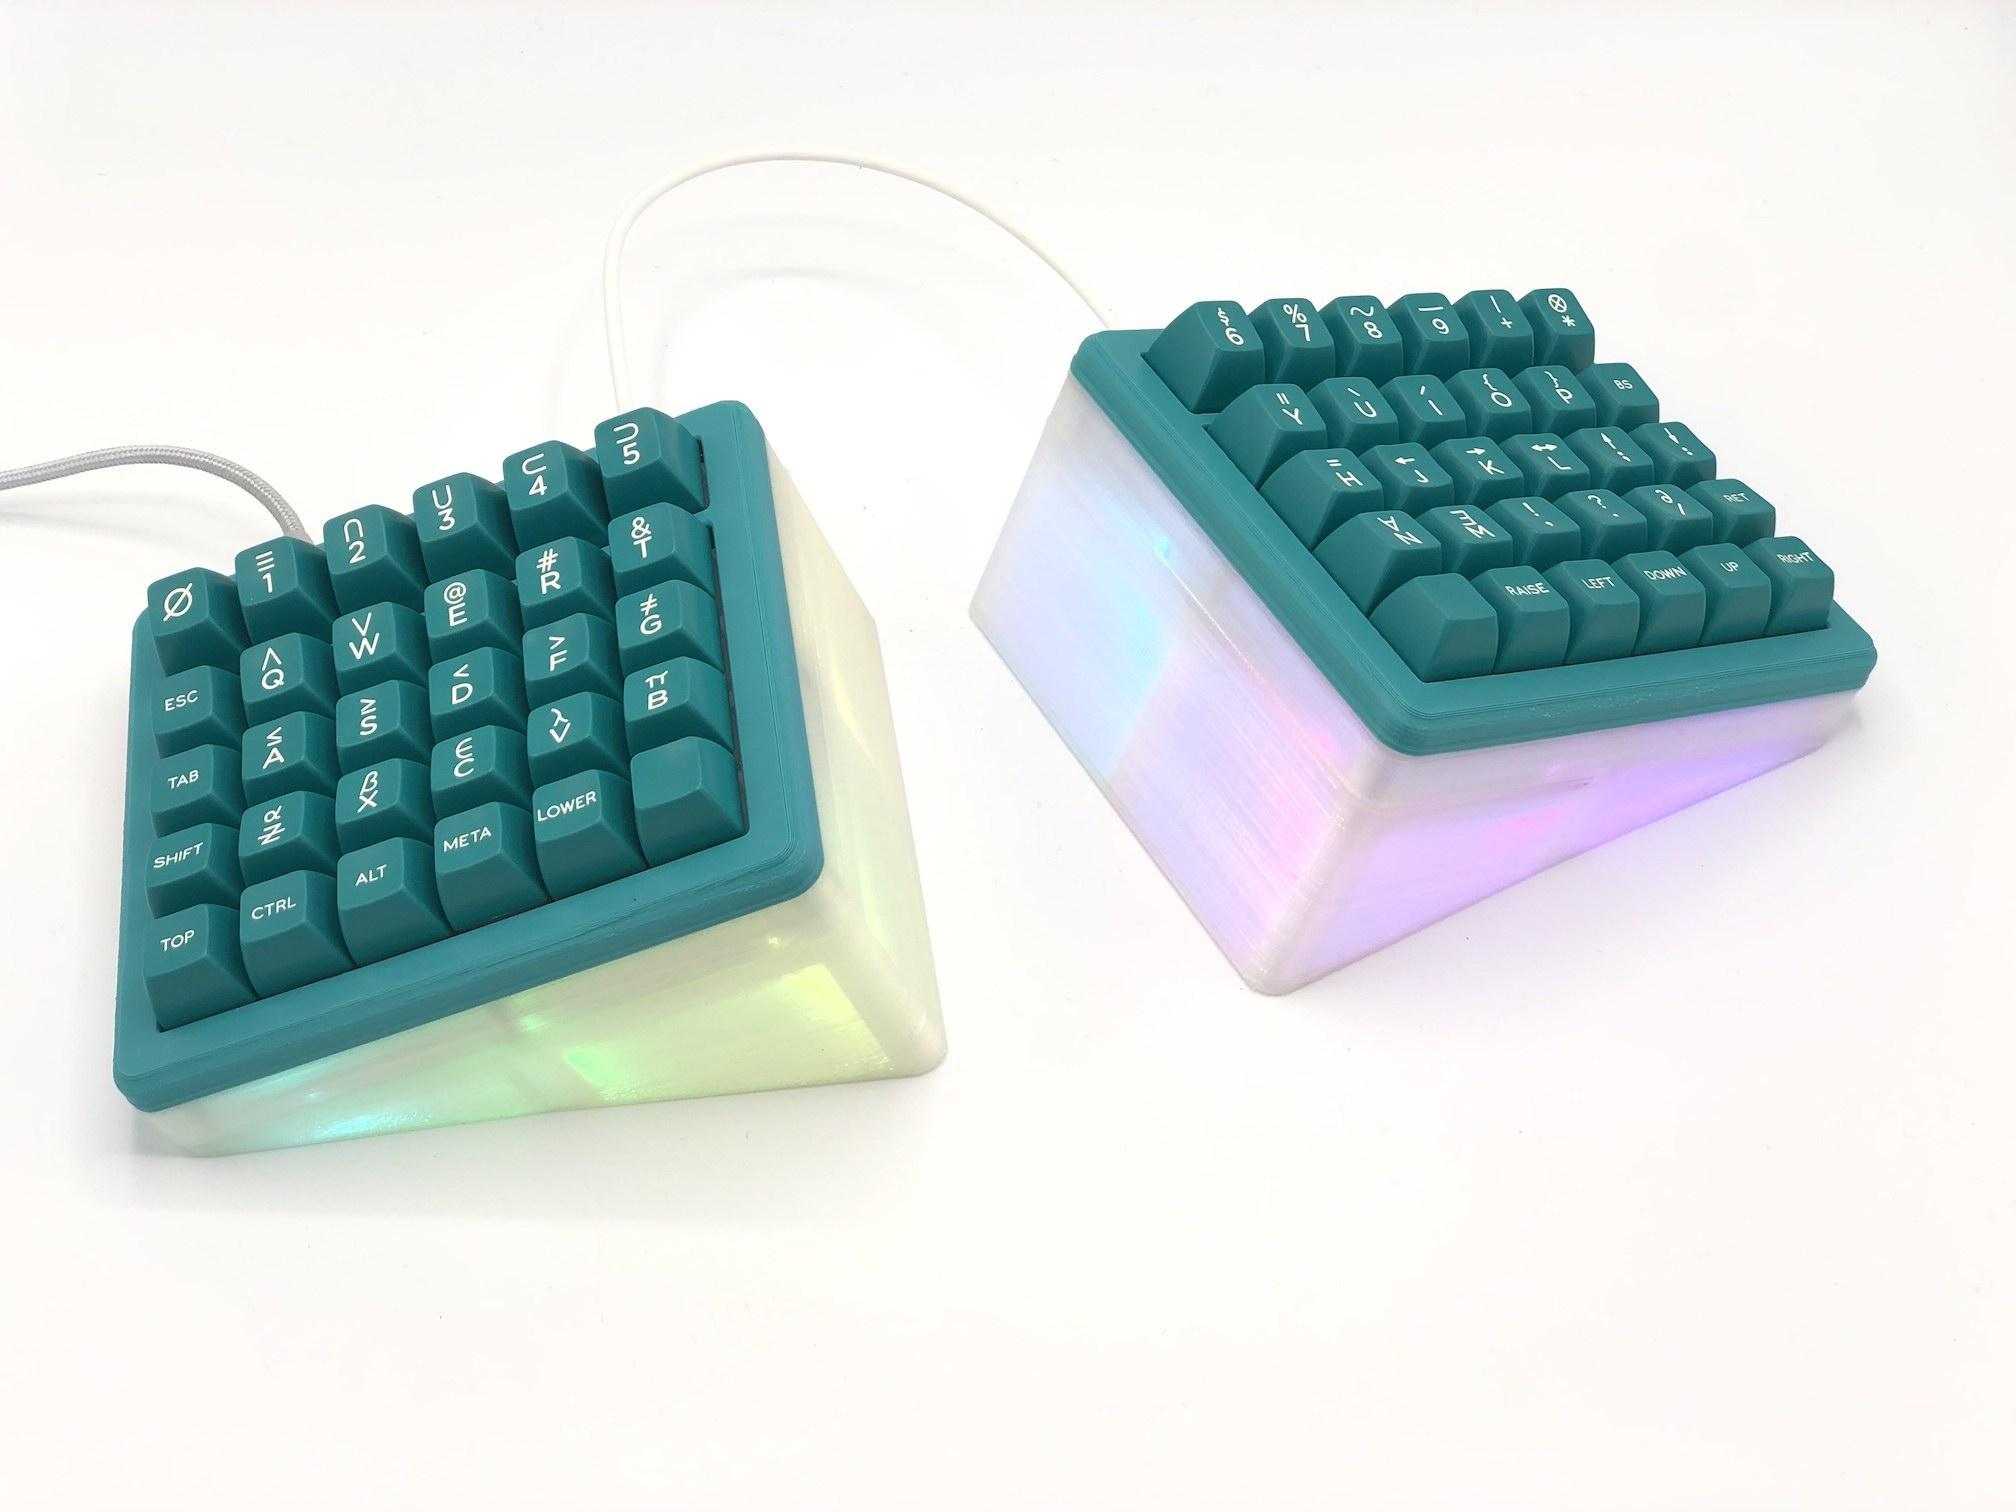 FFT Keyboard